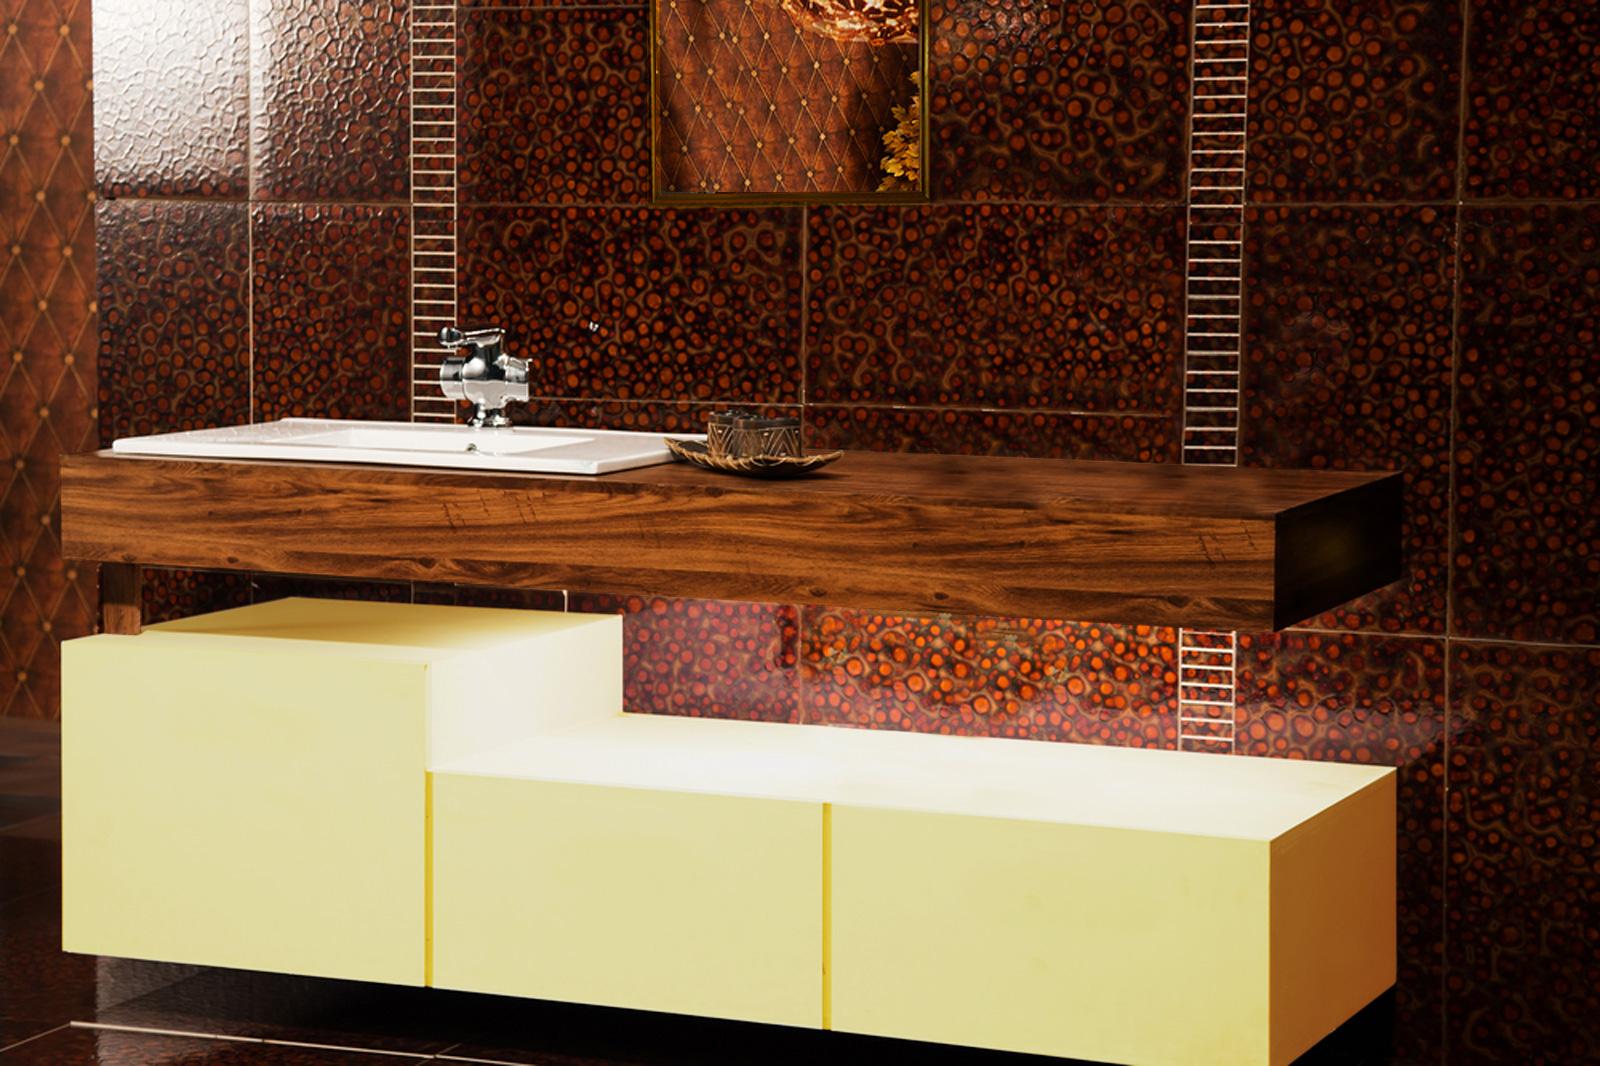 Salle de bain orange et bois - Mobilier salle de bain bois ...